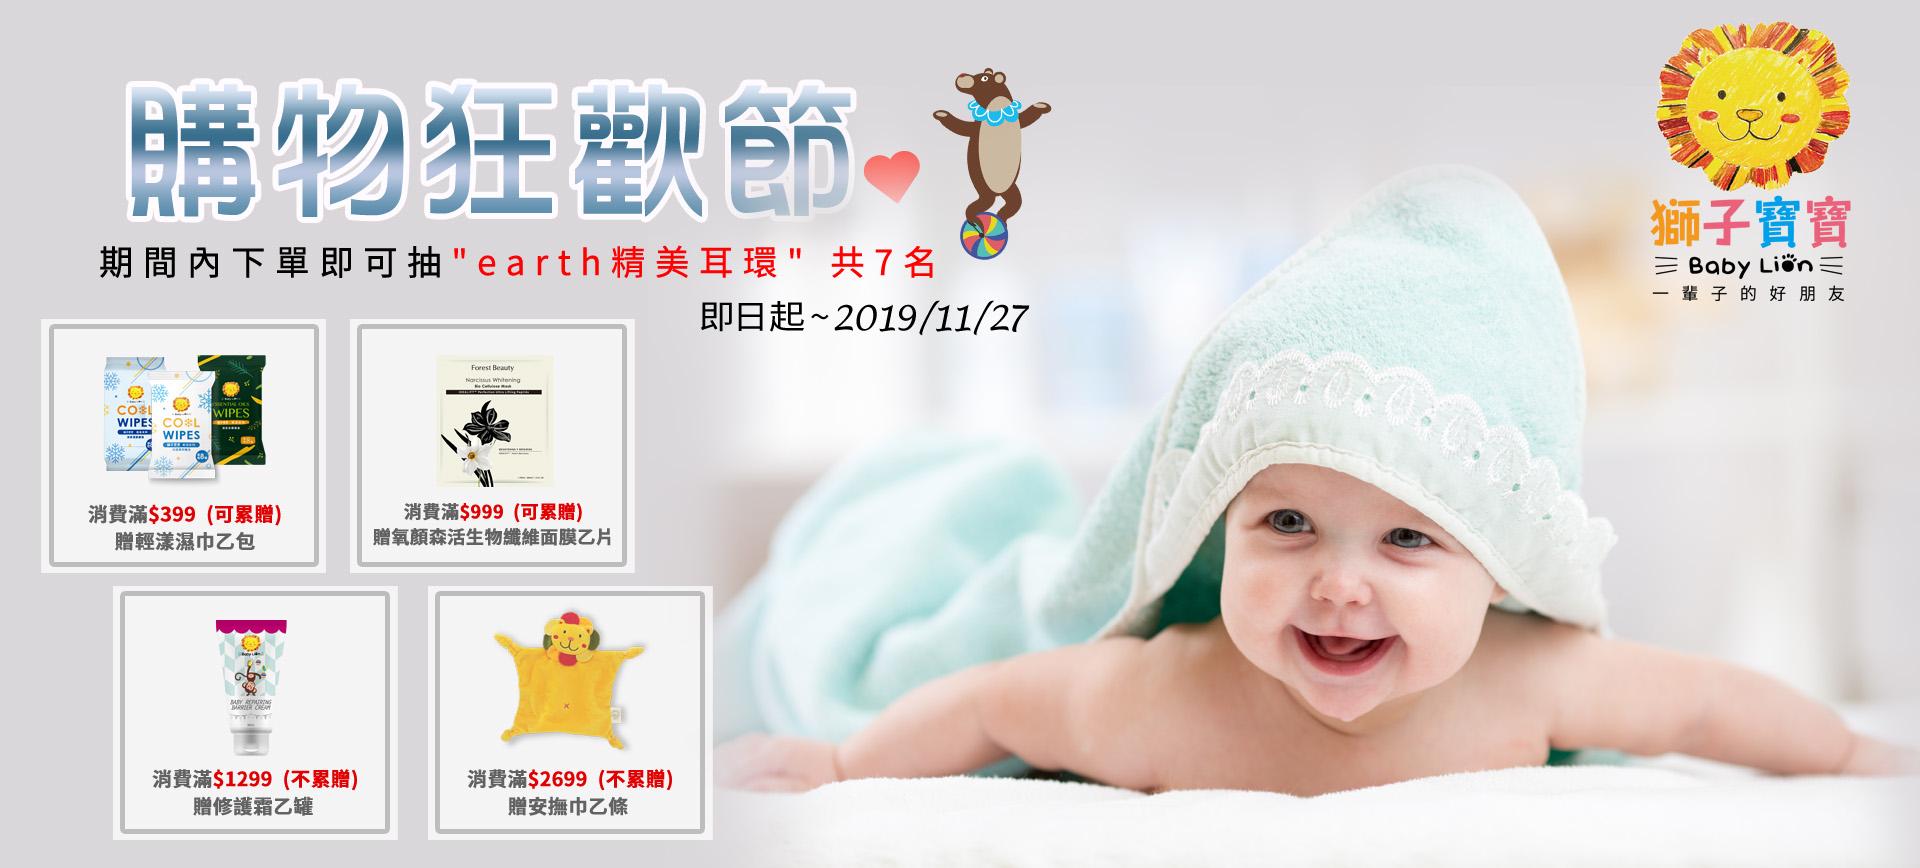 嬰兒洗沐保養,獅子寶寶,金盞花